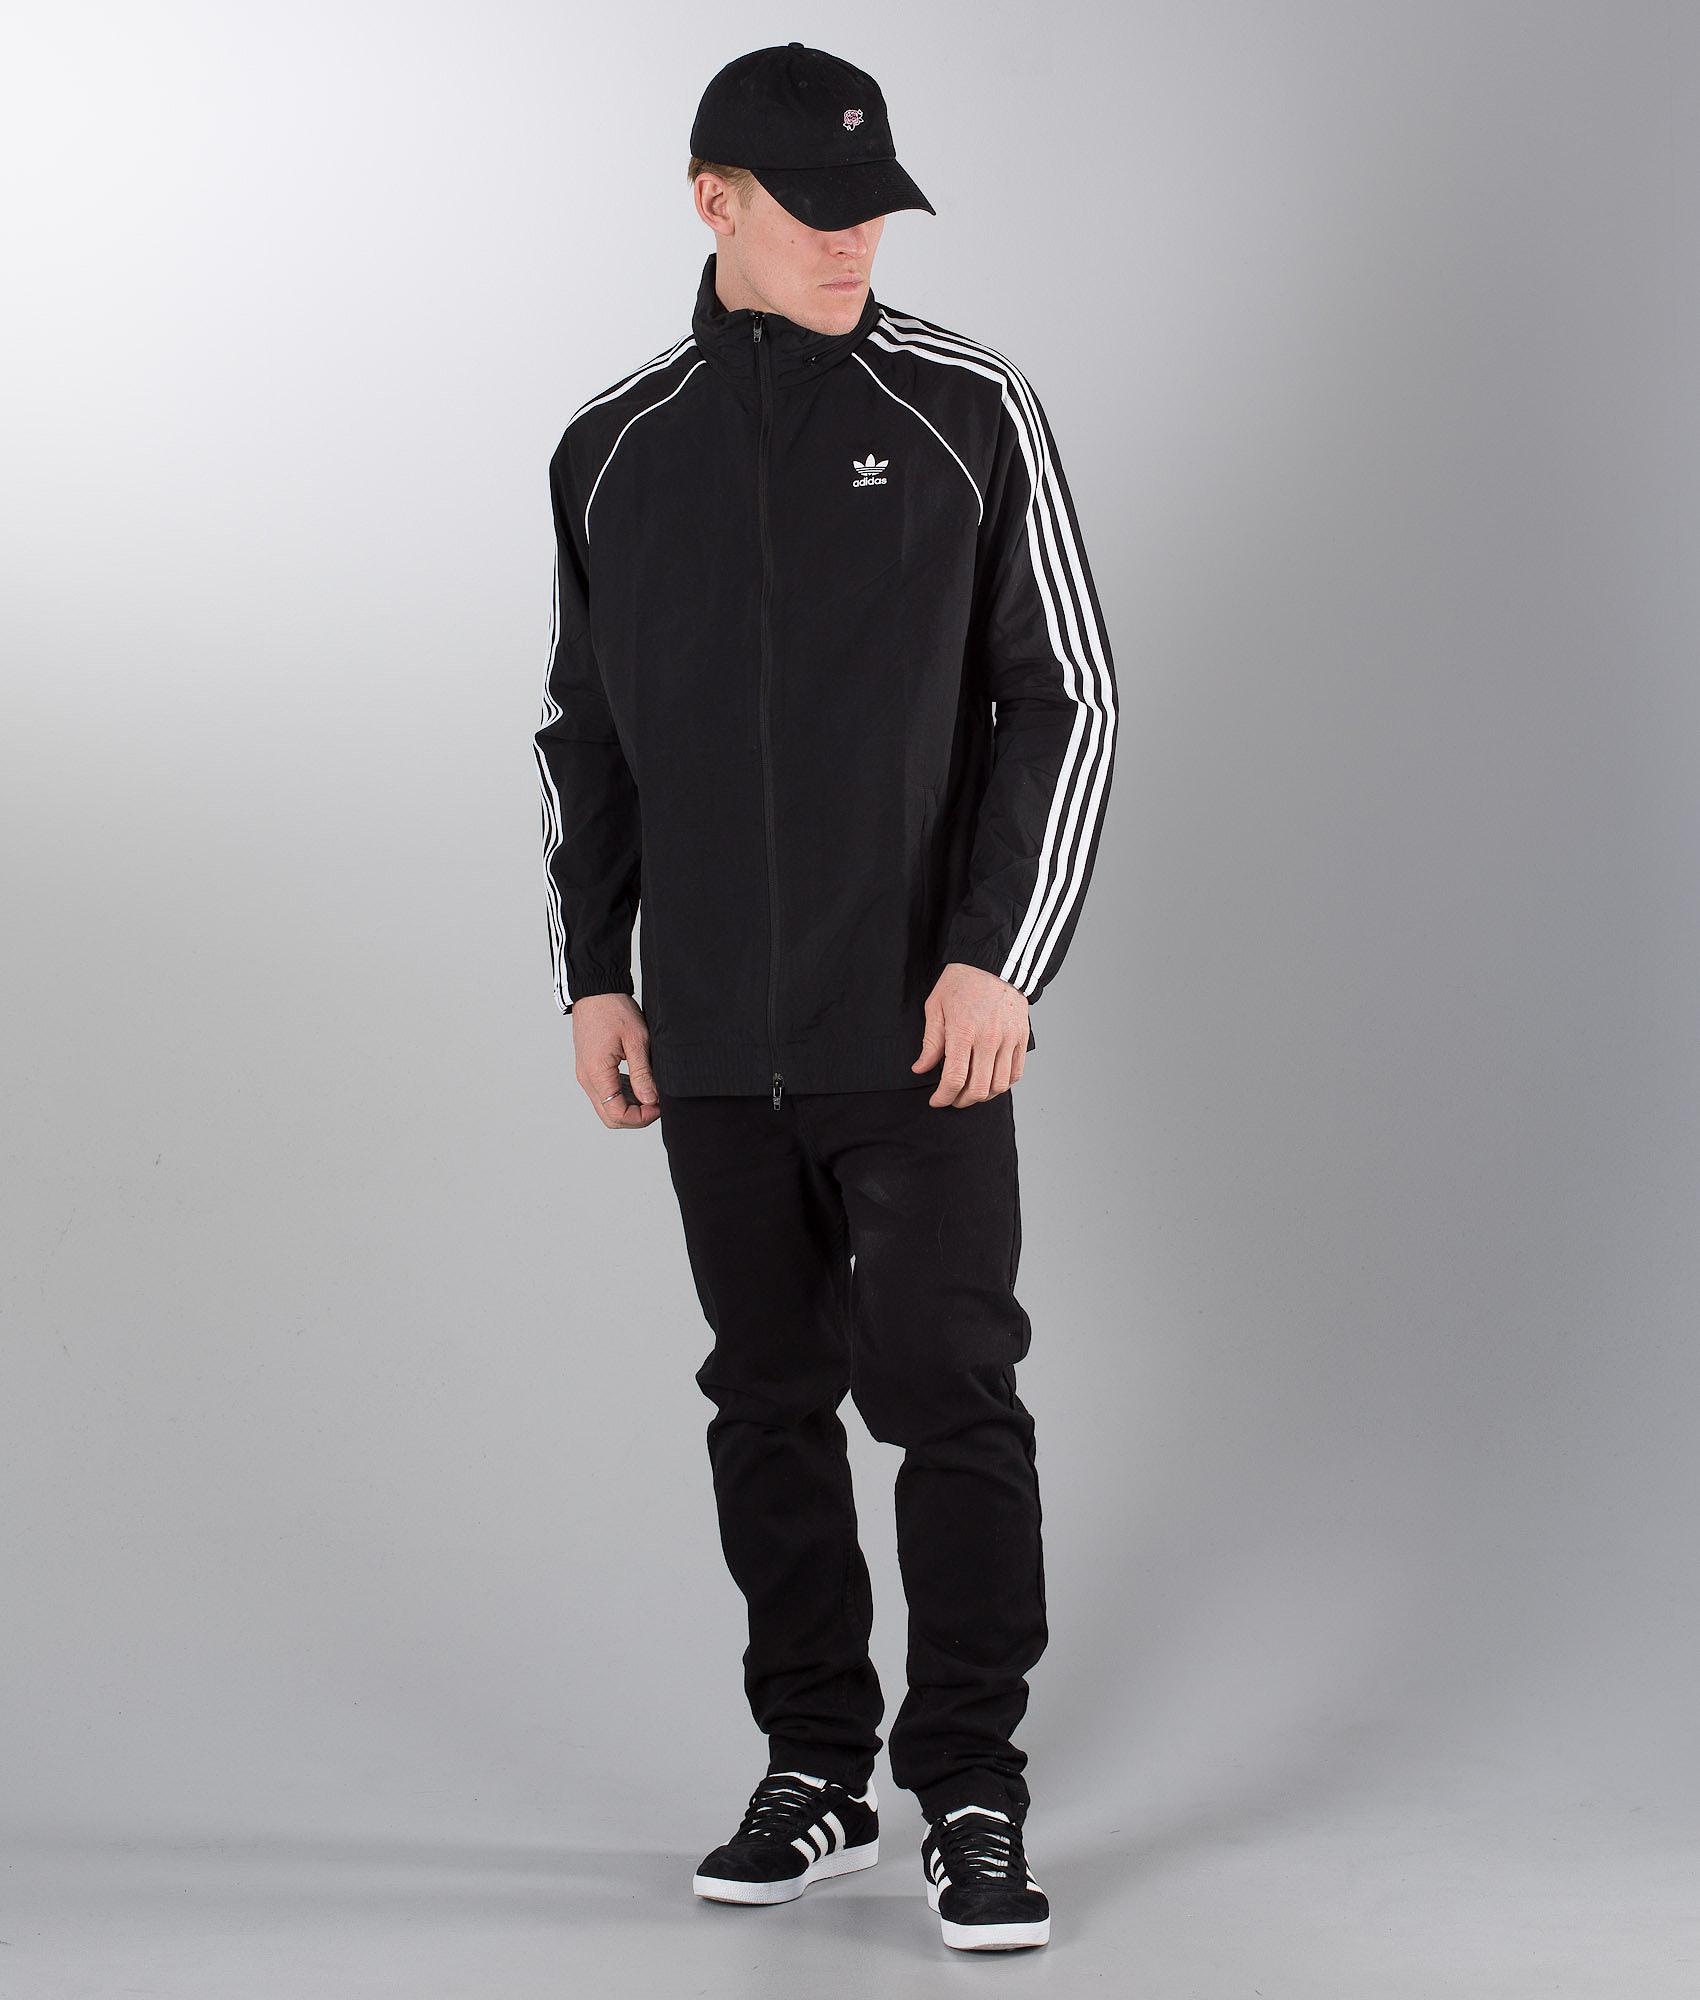 Adidas Originals SST Jacket Black - Ridestore.com 2ae3bf9396